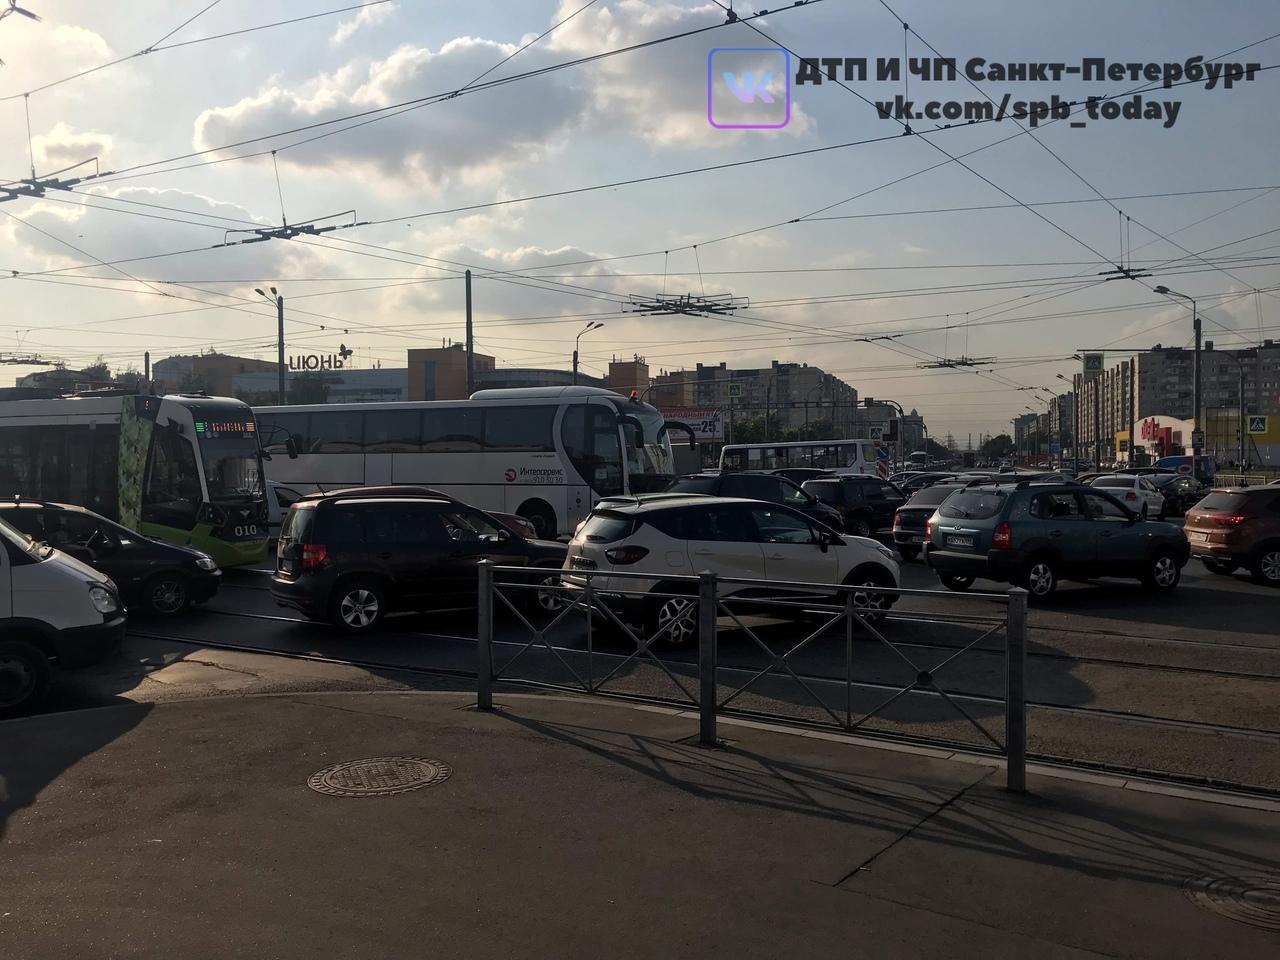 На перекрестке Косыгина и Индустриального не работают светофоры. Начинается хаос. И дтп с трамваем т...